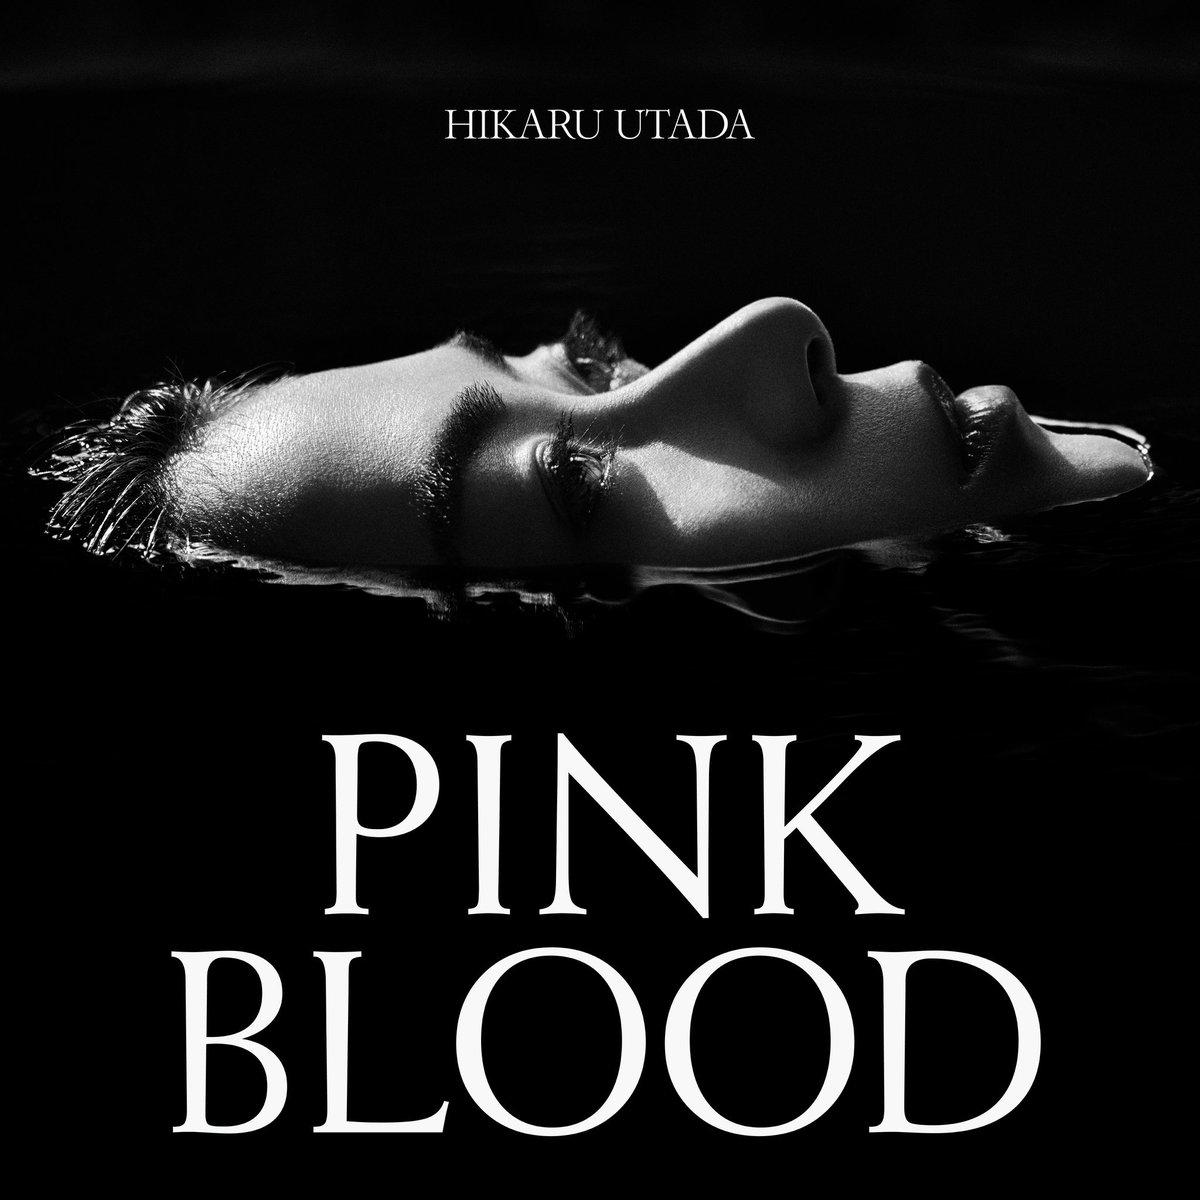 『宇多田ヒカル - PINK BLOOD』収録の『PINK BLOOD』ジャケット